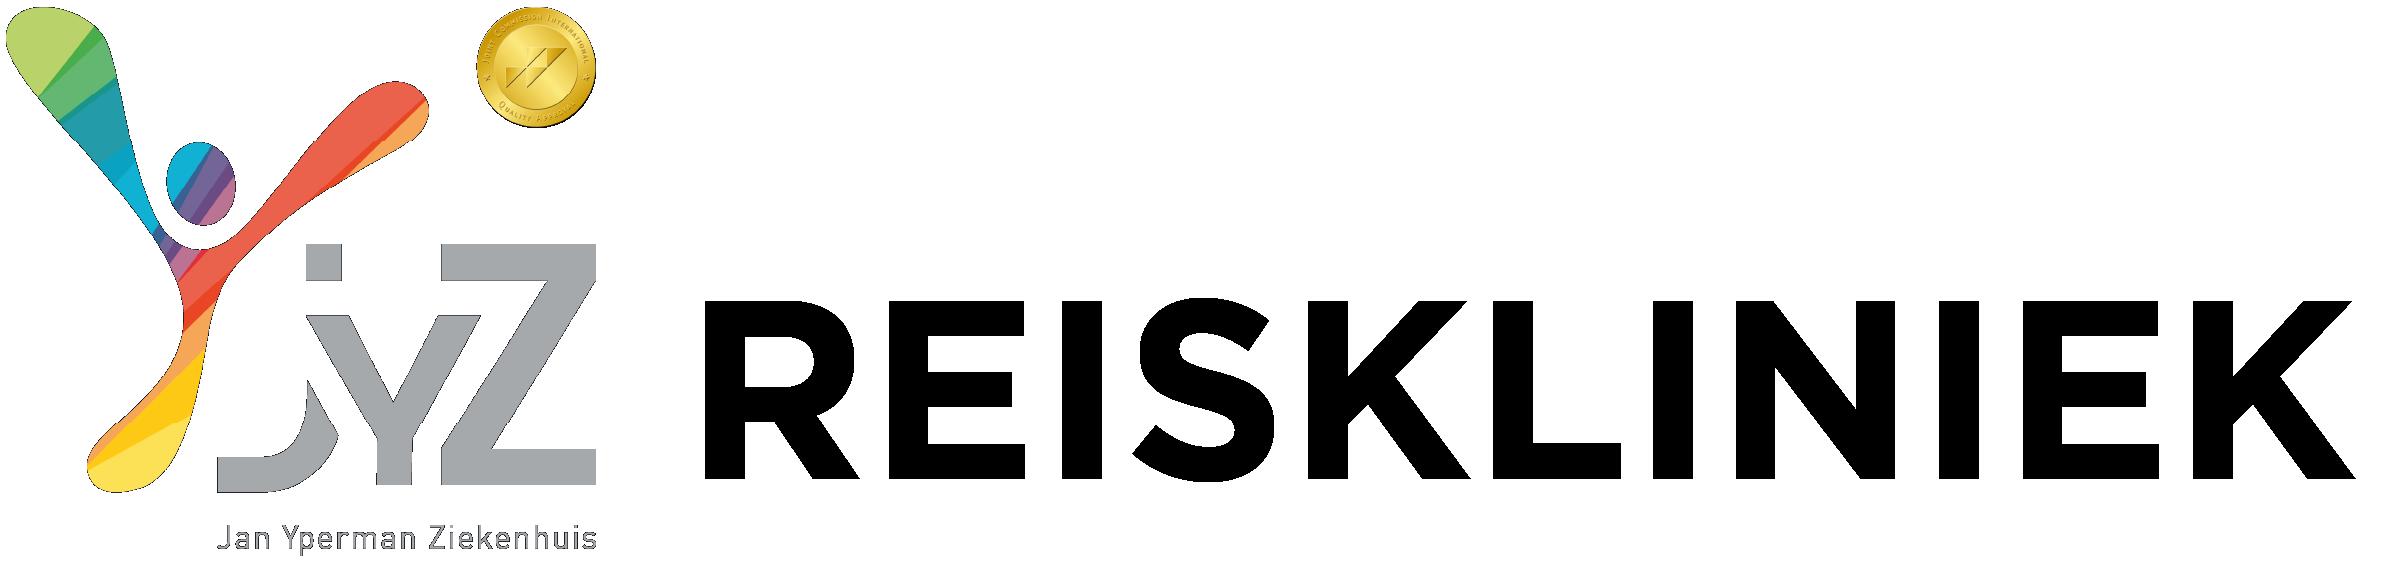 Reiskliniek